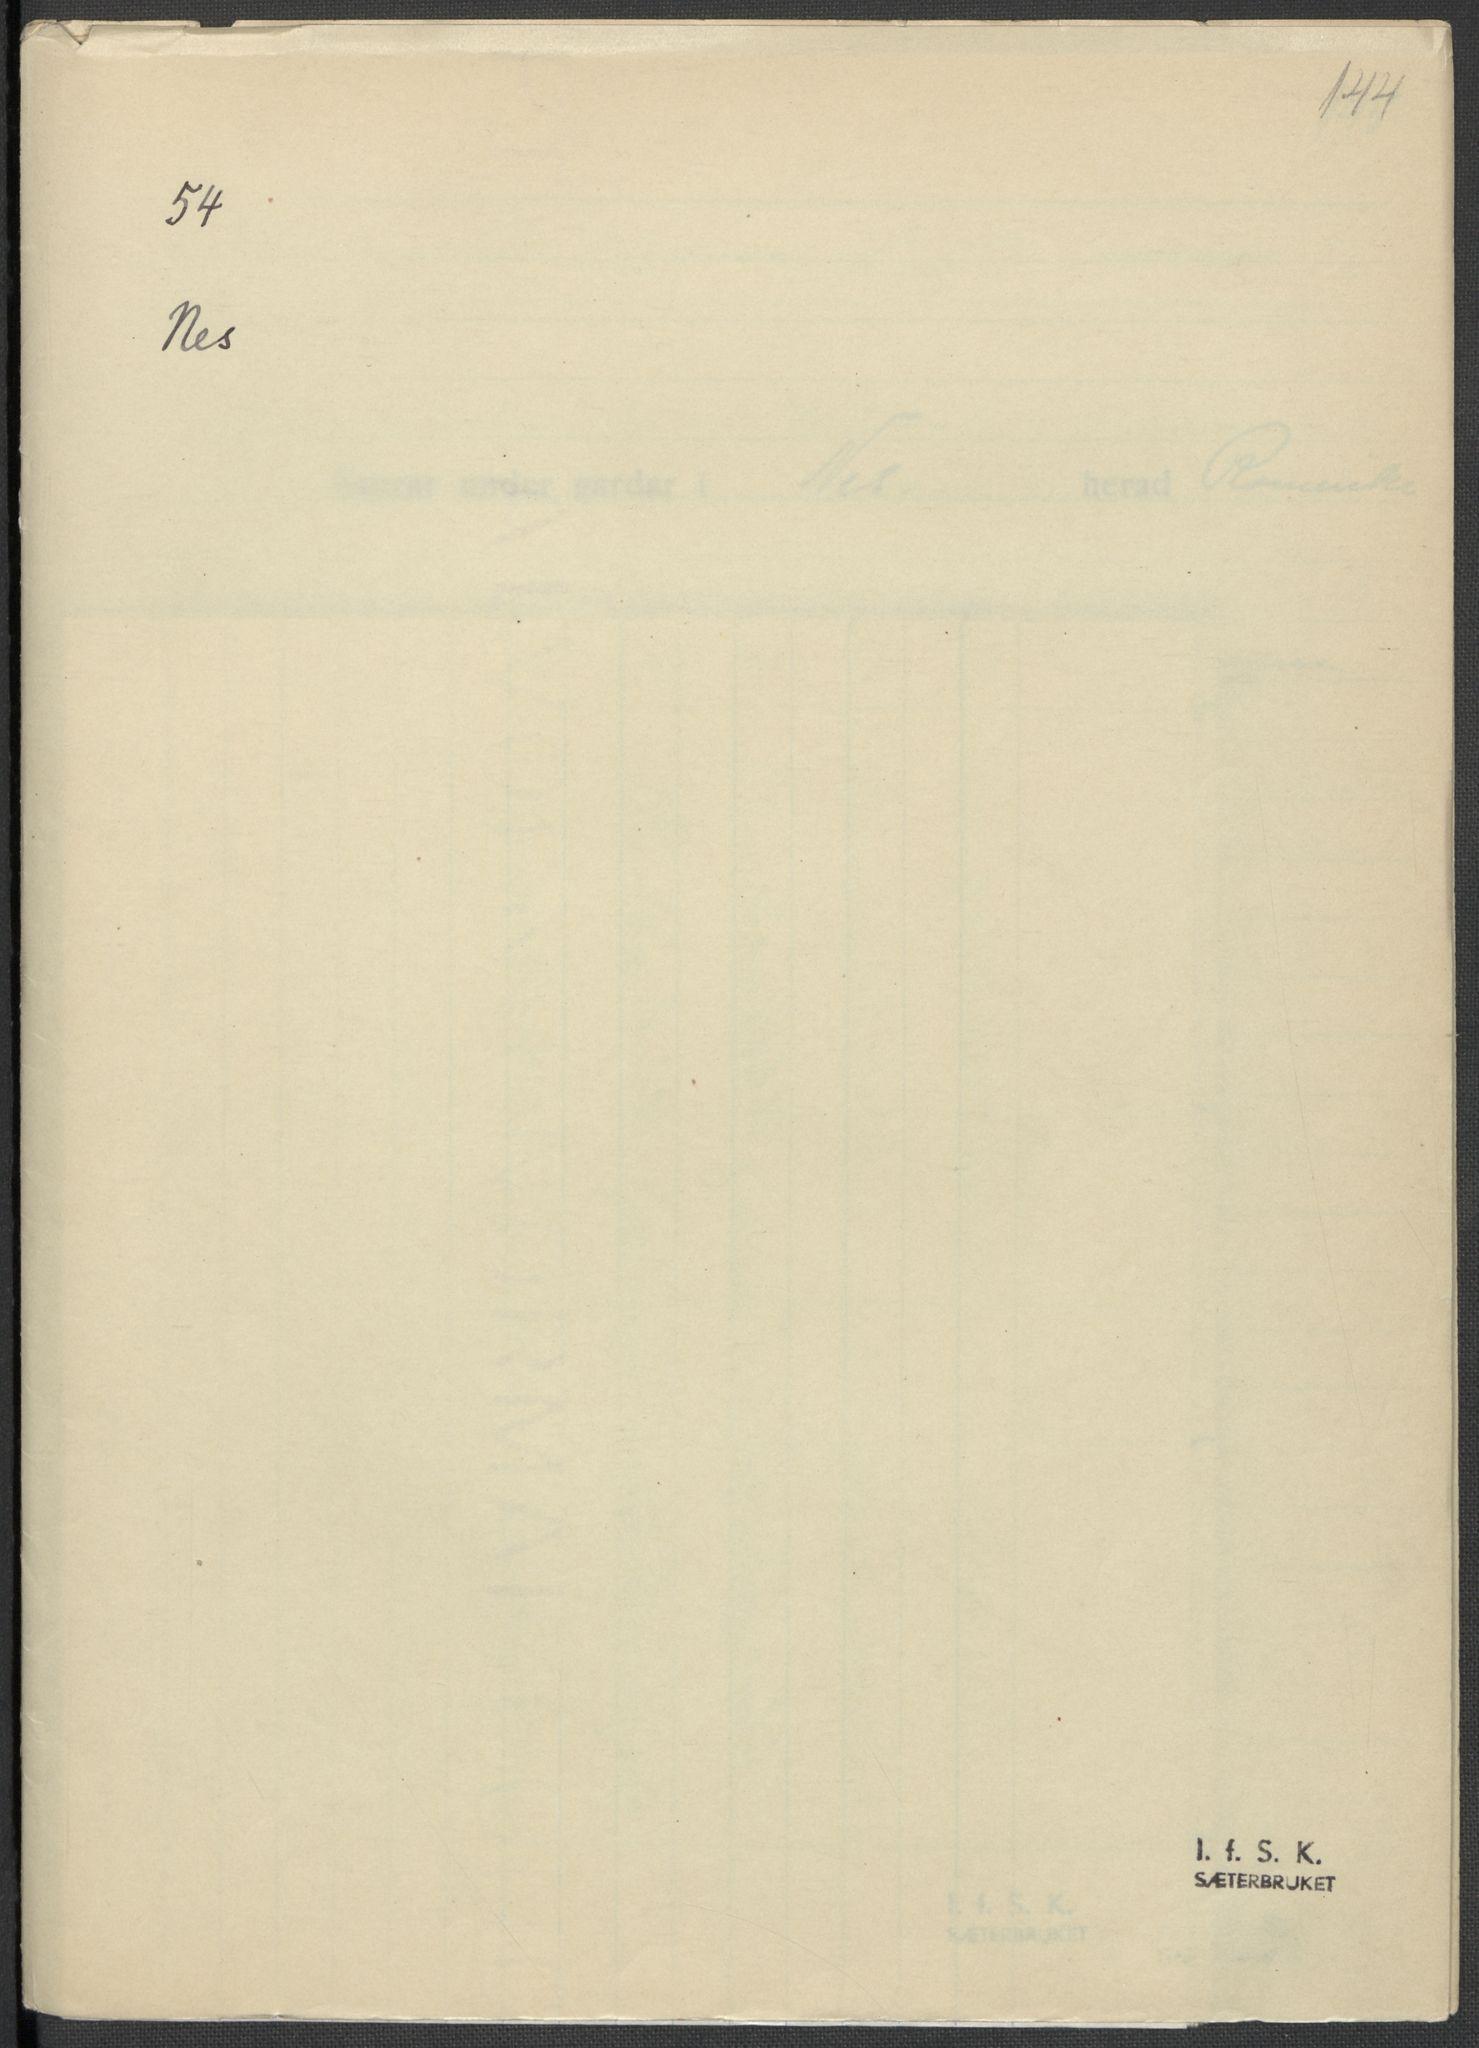 RA, Instituttet for sammenlignende kulturforskning, F/Fc/L0002: Eske B2:, 1932-1936, s. 144